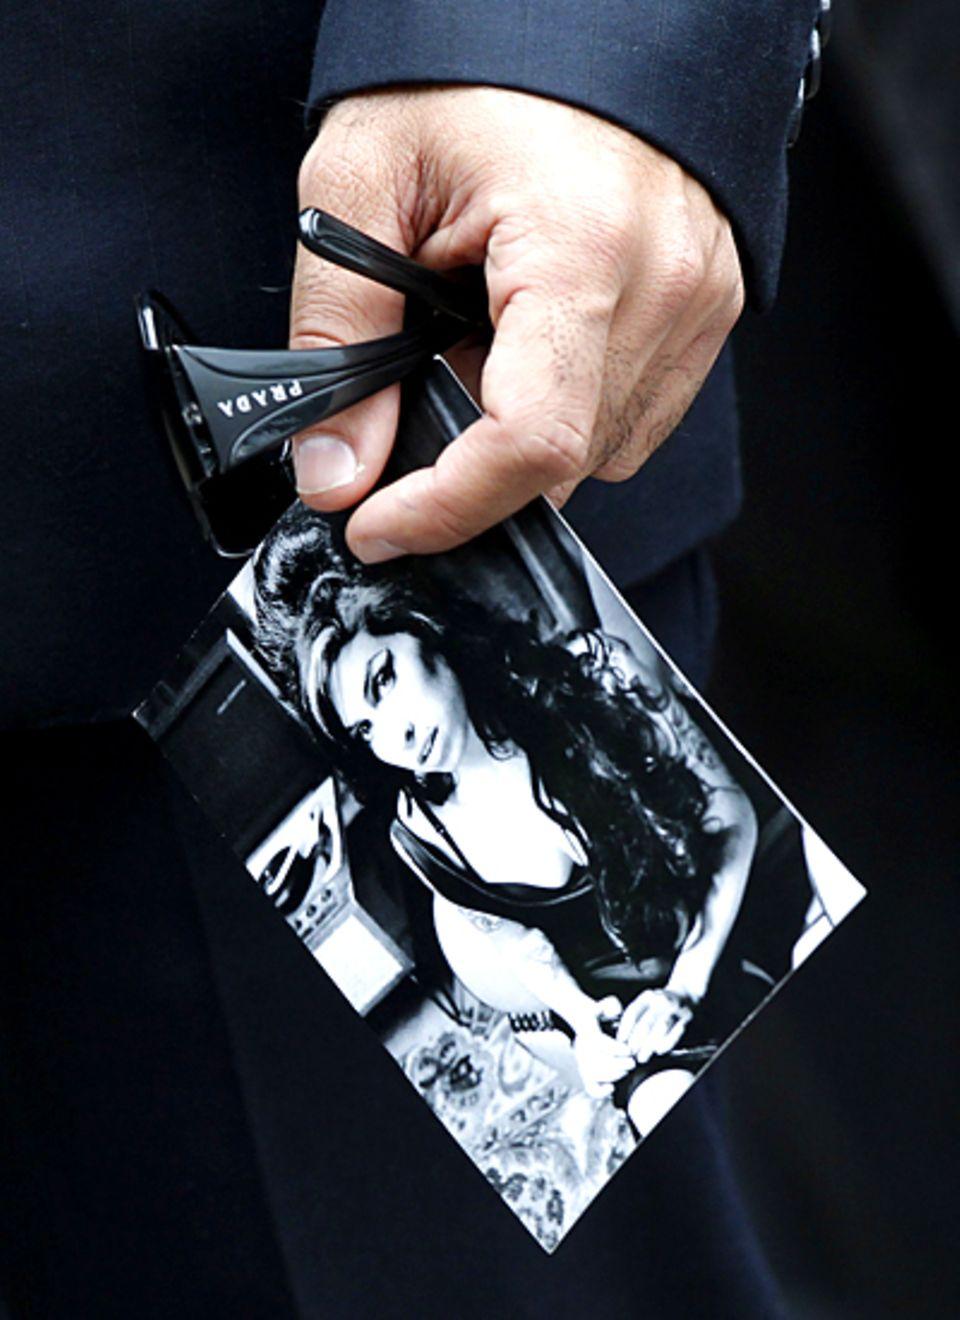 23. Juli 2011: Soul-Sängerin Amy Winehouse stirbt an Alkoholvergiftung - mit 27 Jahren.